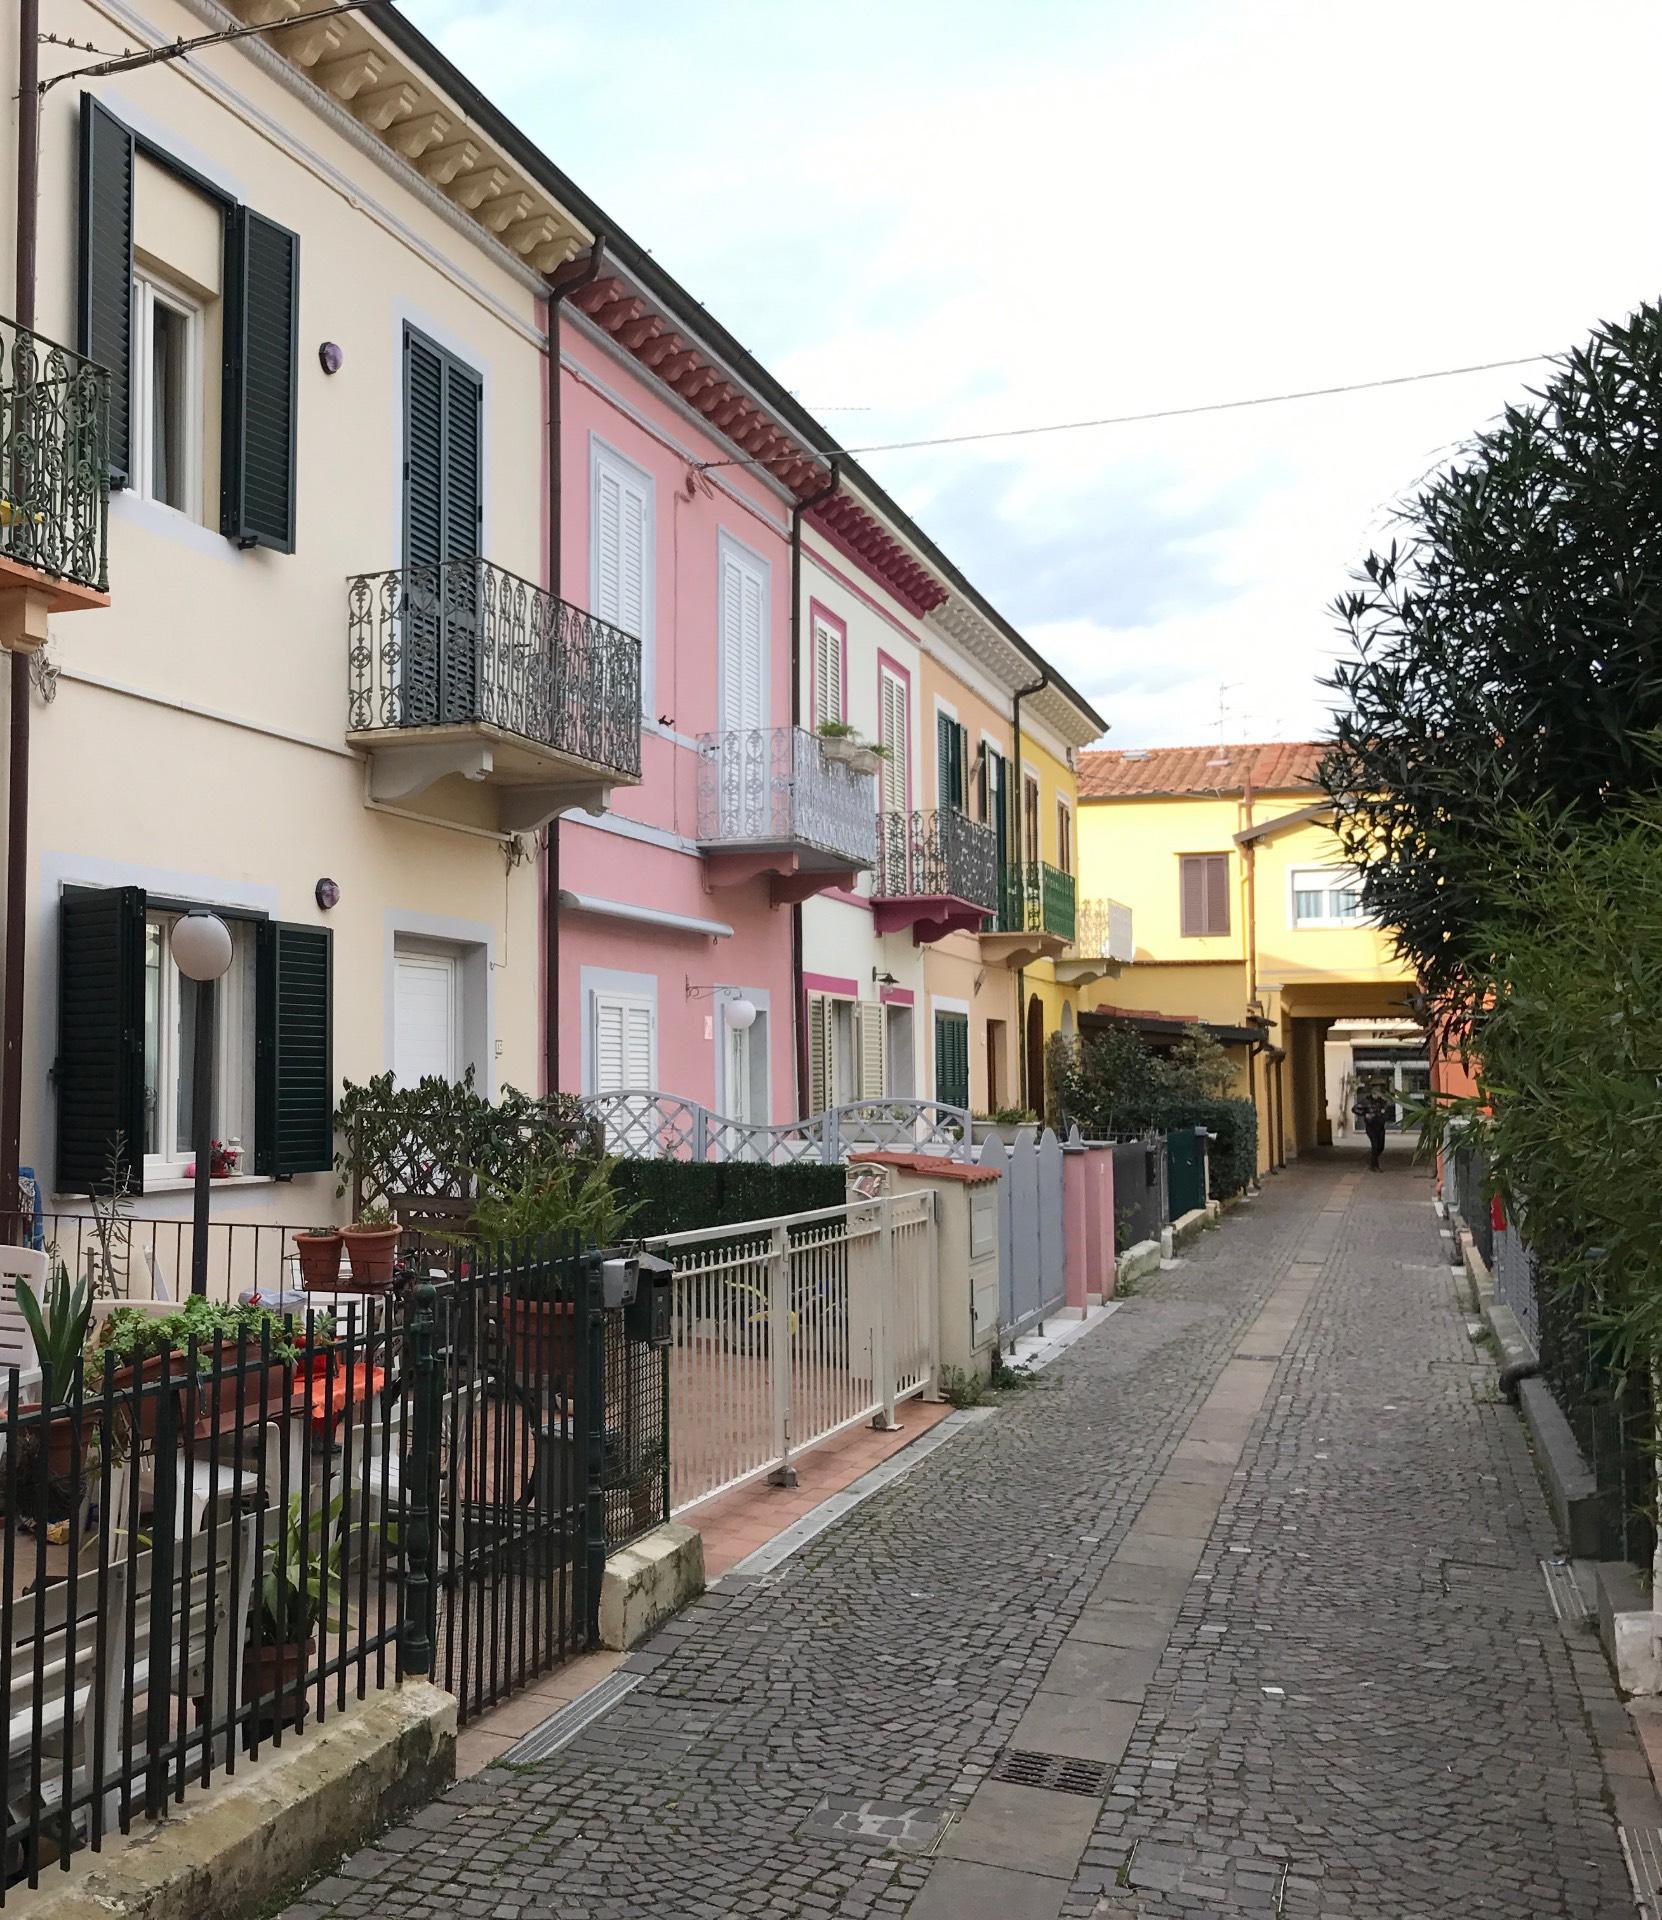 Soluzione Indipendente in vendita a Viareggio, 4 locali, zona Località: Centro, prezzo € 460.000 | Cambio Casa.it